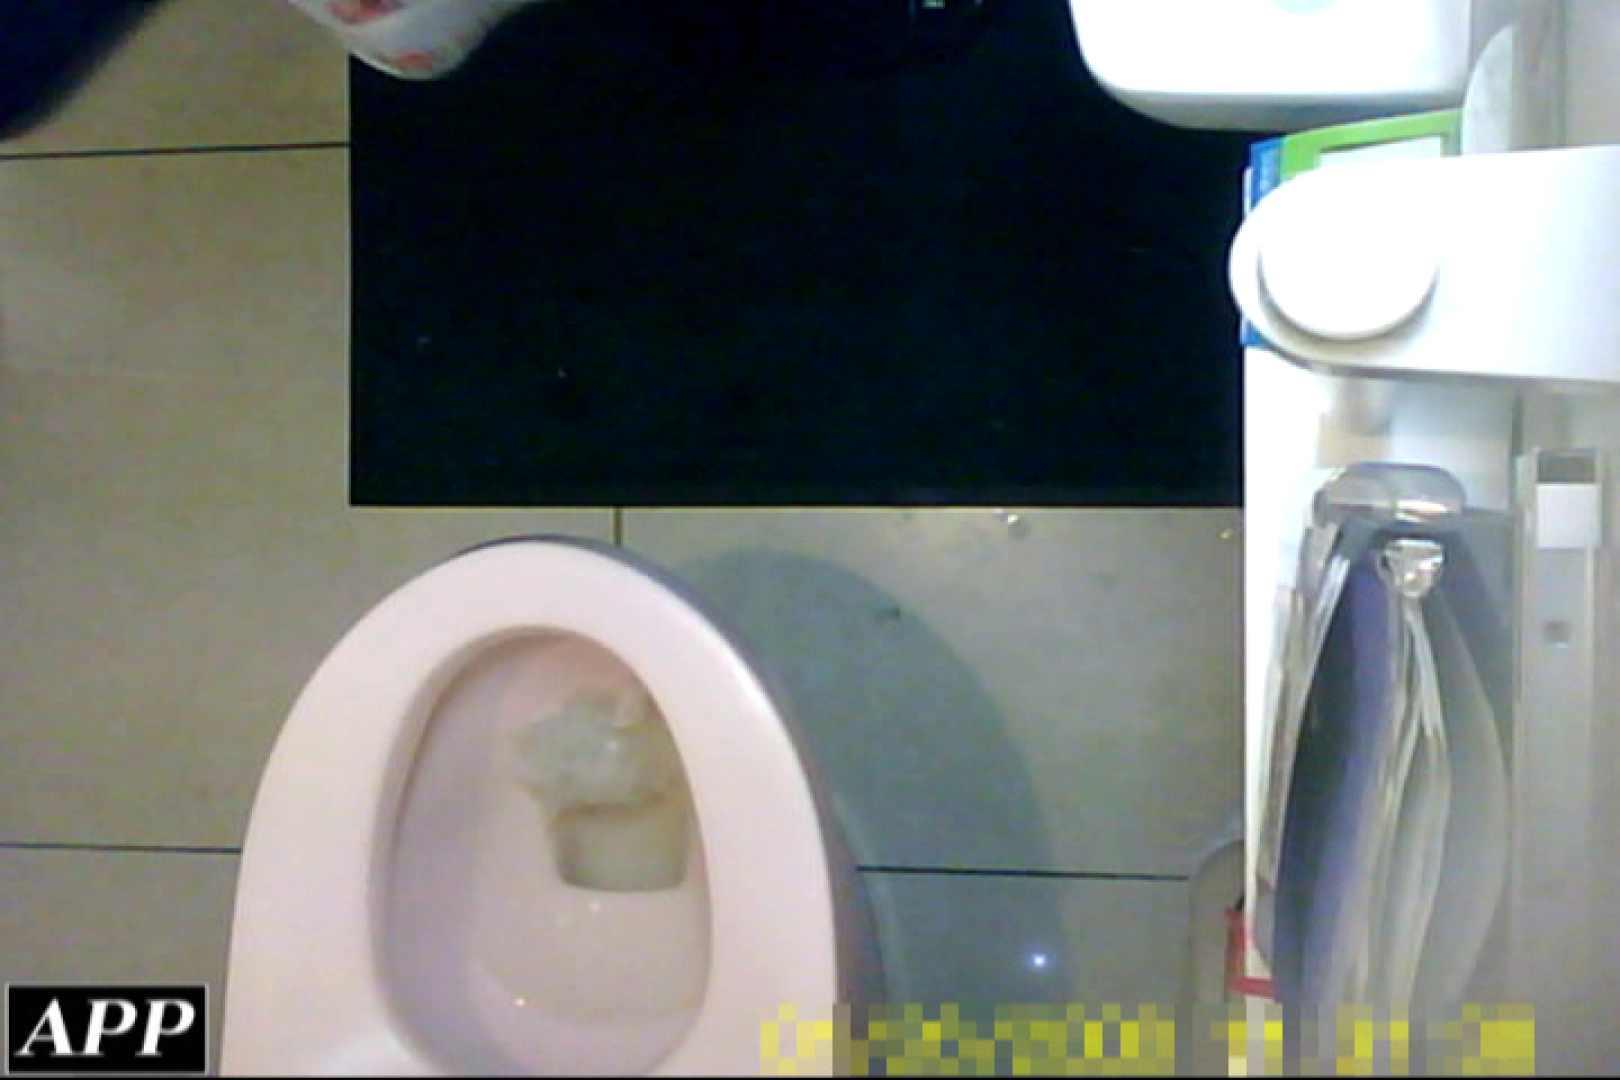 3視点洗面所 vol.104 肛門から・・ AV動画キャプチャ 25枚